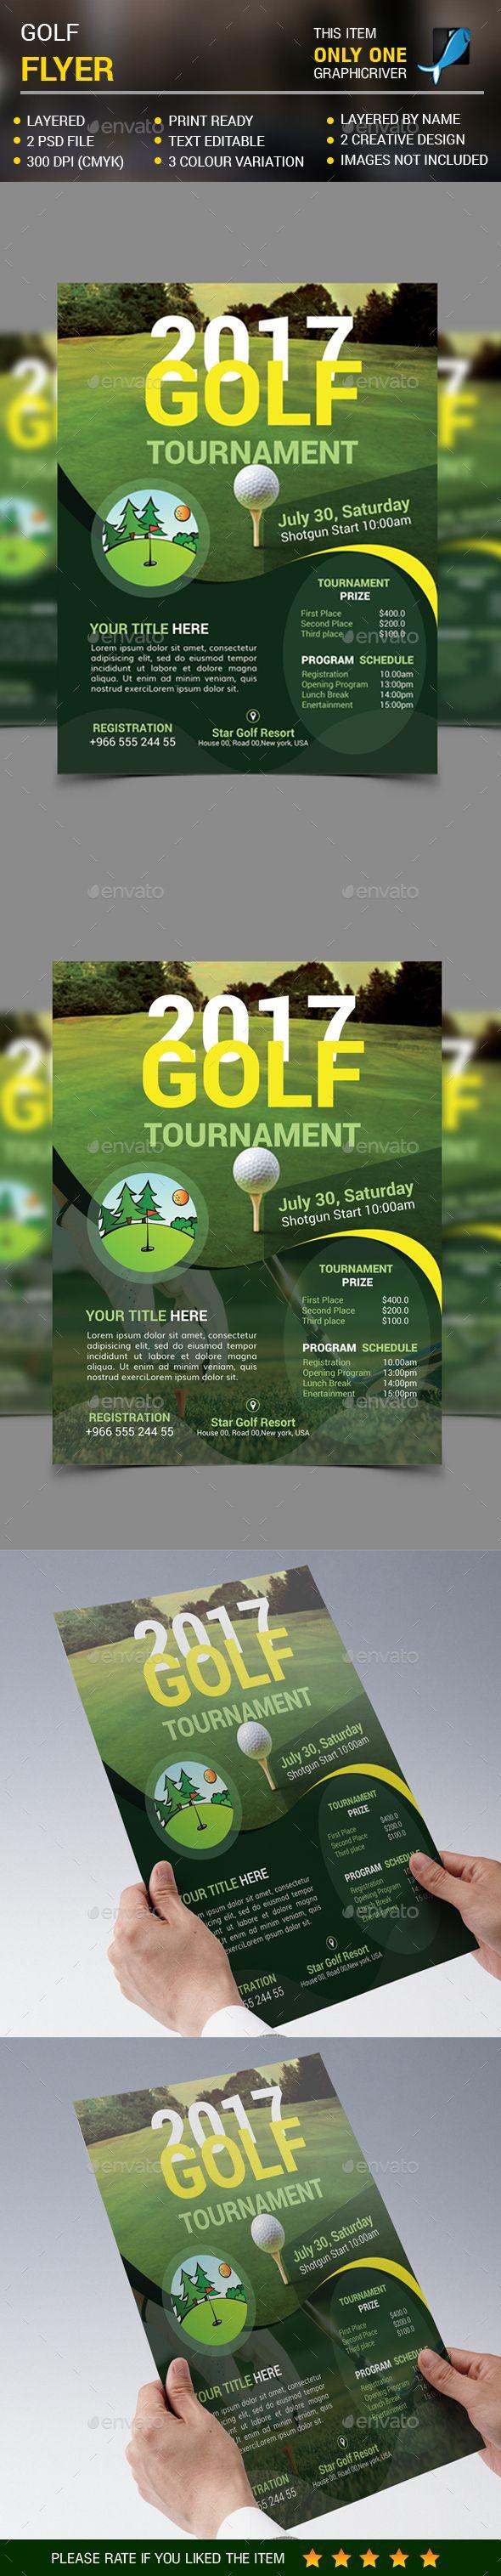 golf flyer sports events flyer pinterest flyer template